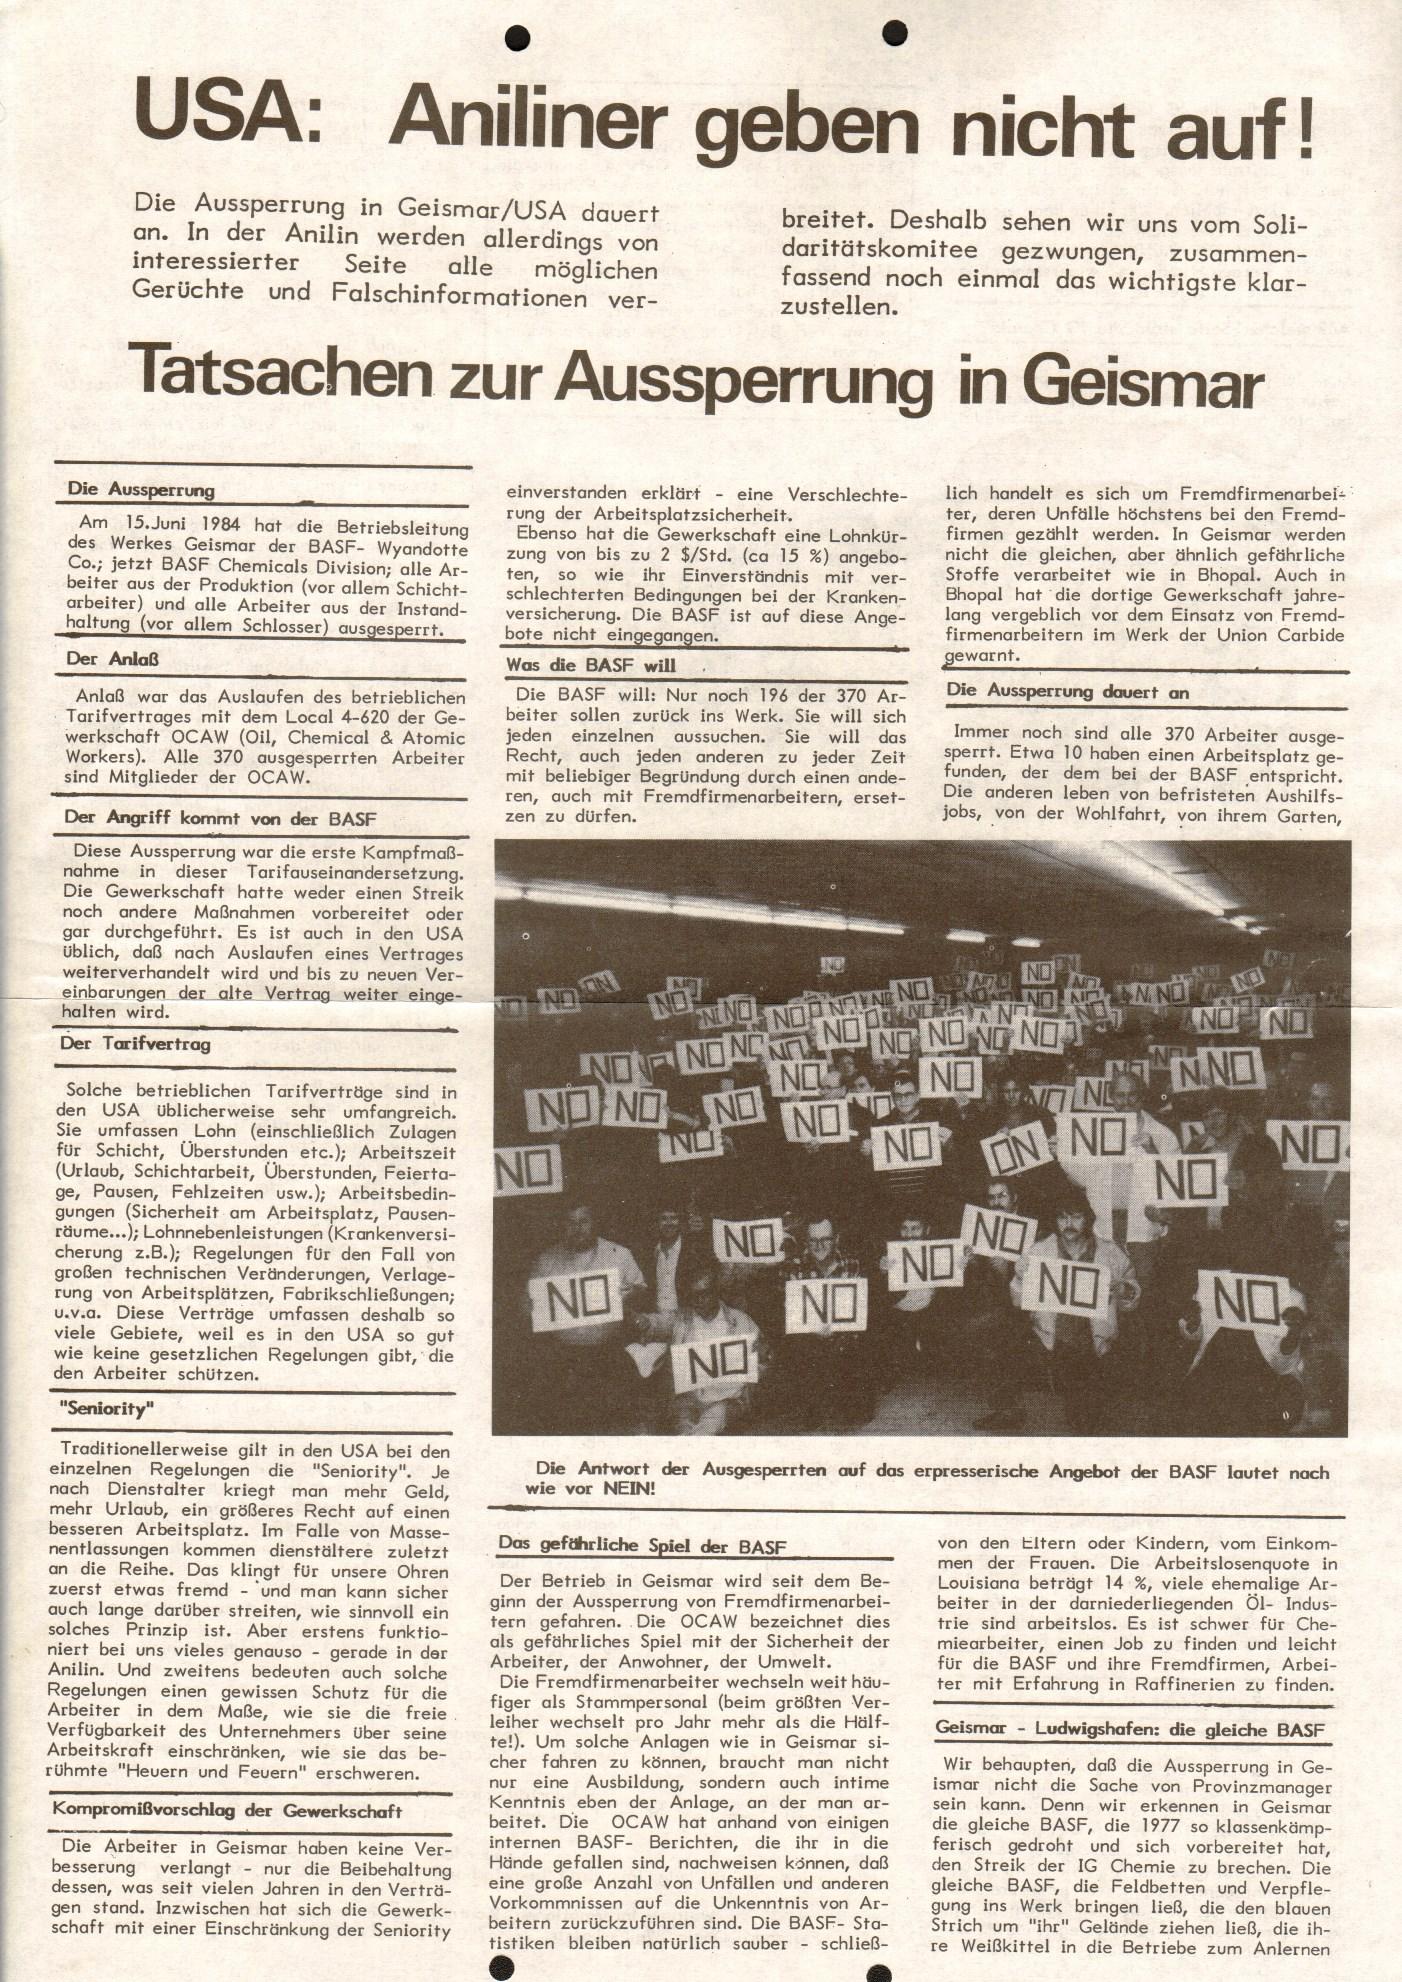 USA_BASF_Aussperrung_in_Geismar_1986_1_03